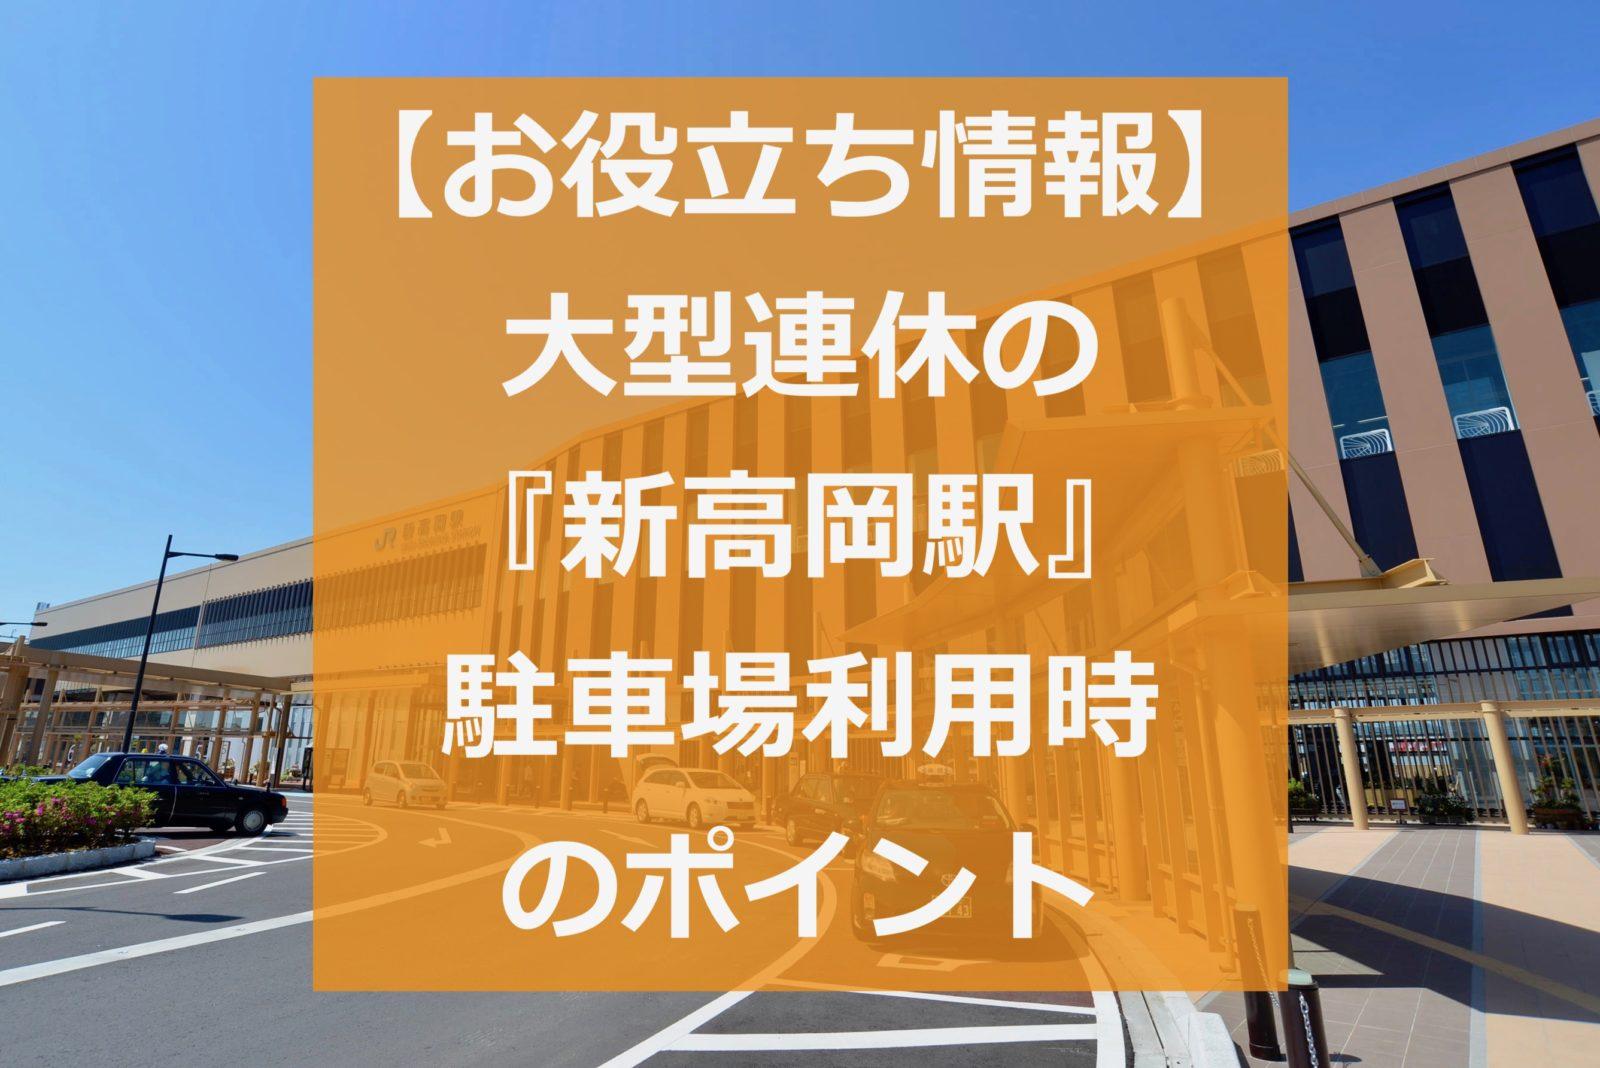 新高岡駅駐車場イメージ